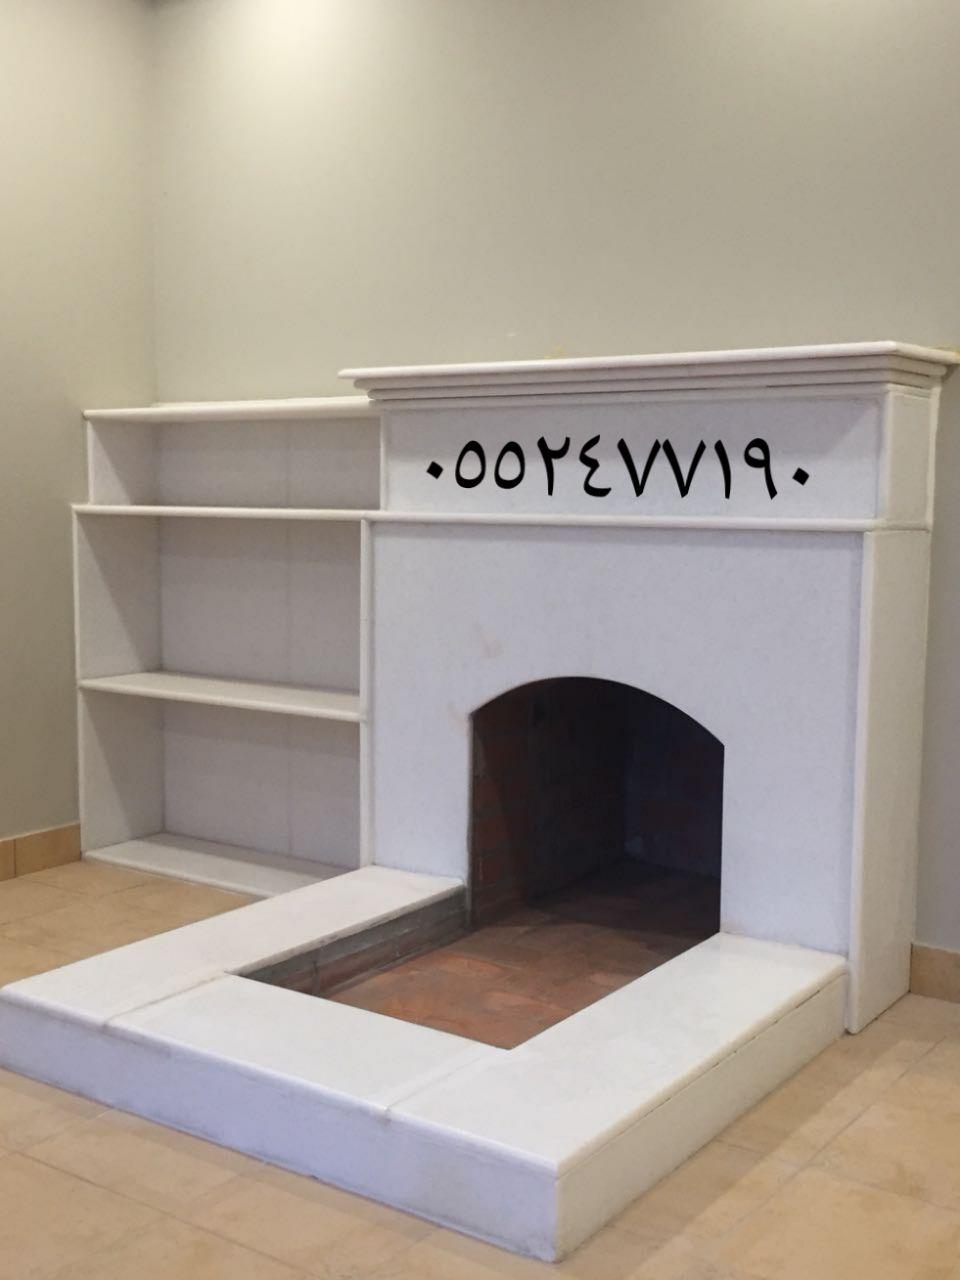 مشبات صورمشبات ديكورات مشبات صور مشبات مشب مشبات مدافئ مدفأة دفايات دفايات شمنية فيربليس مشب Home Decor Decor Fireplace